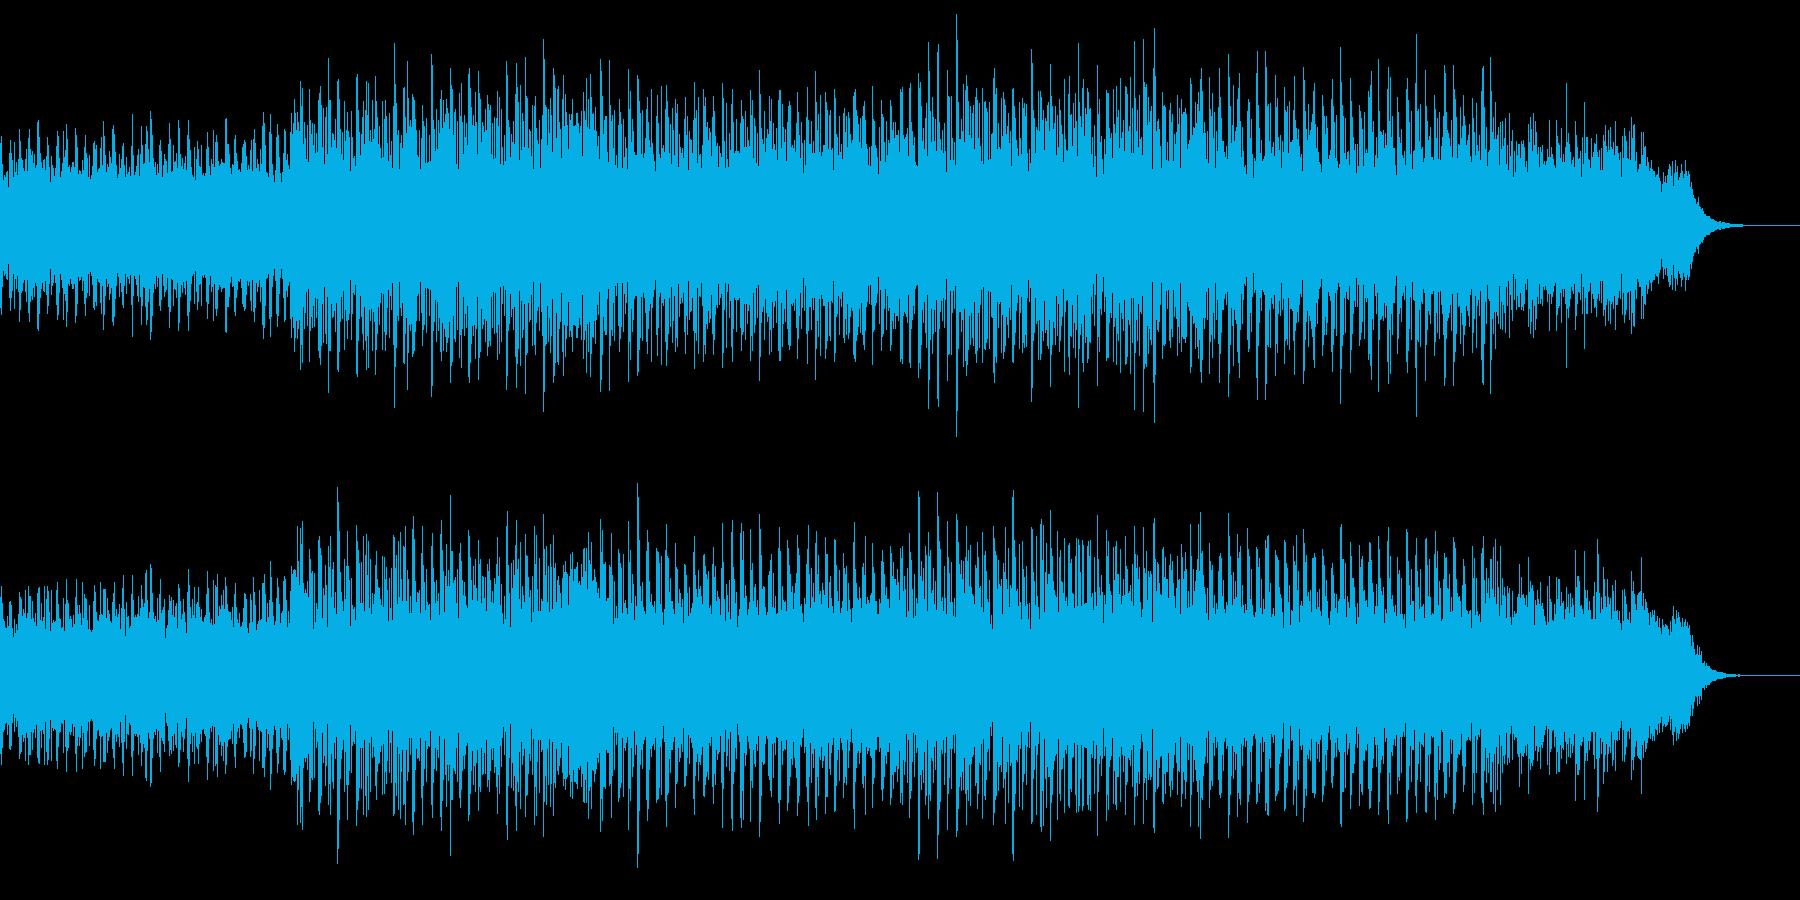 未来の都市のイメージのシンセサイザー音楽の再生済みの波形